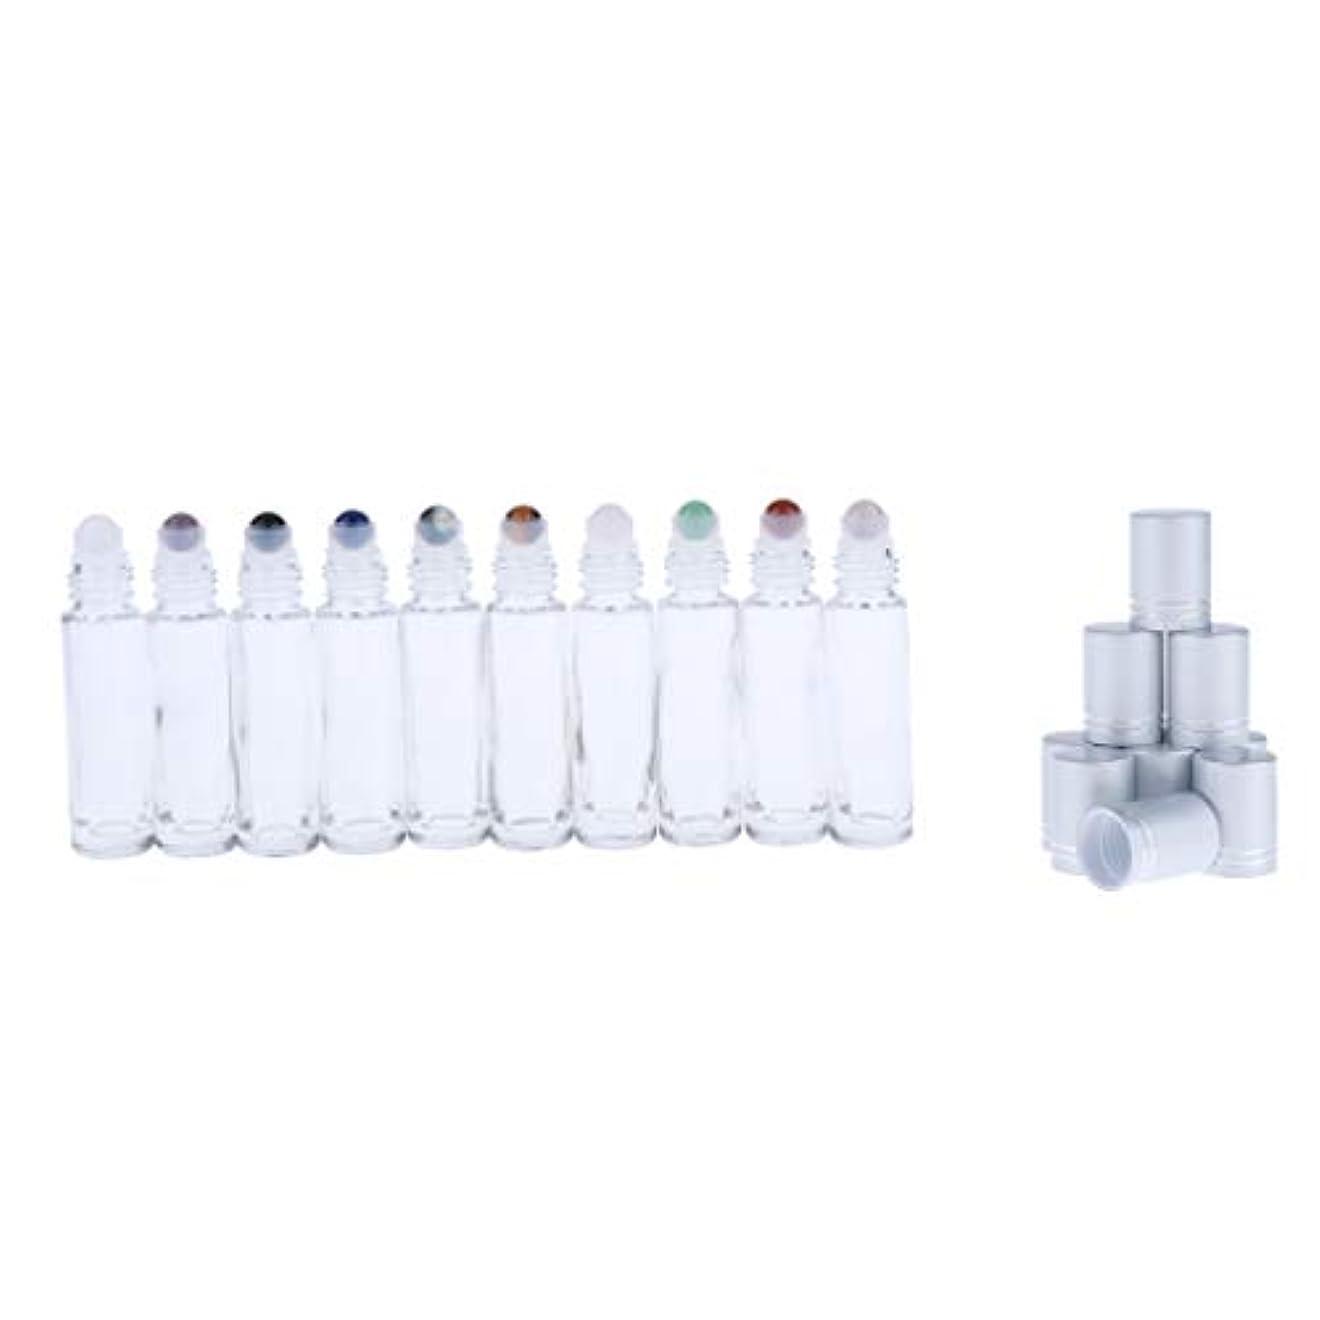 sharprepublic 10個 ロールオンボトル ガラスボトル 精油 香水やアロマの保存 詰替え 小分け用 10ml